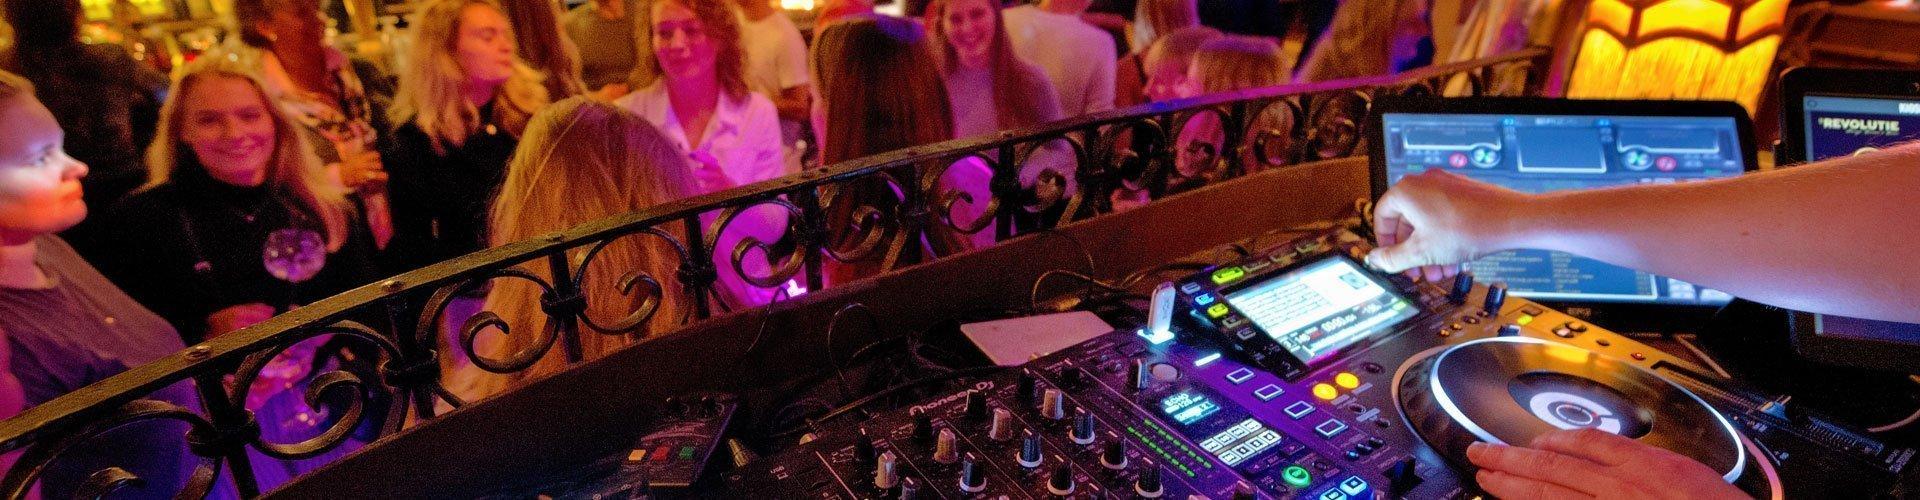 De Revolutie headerbeeld DJ